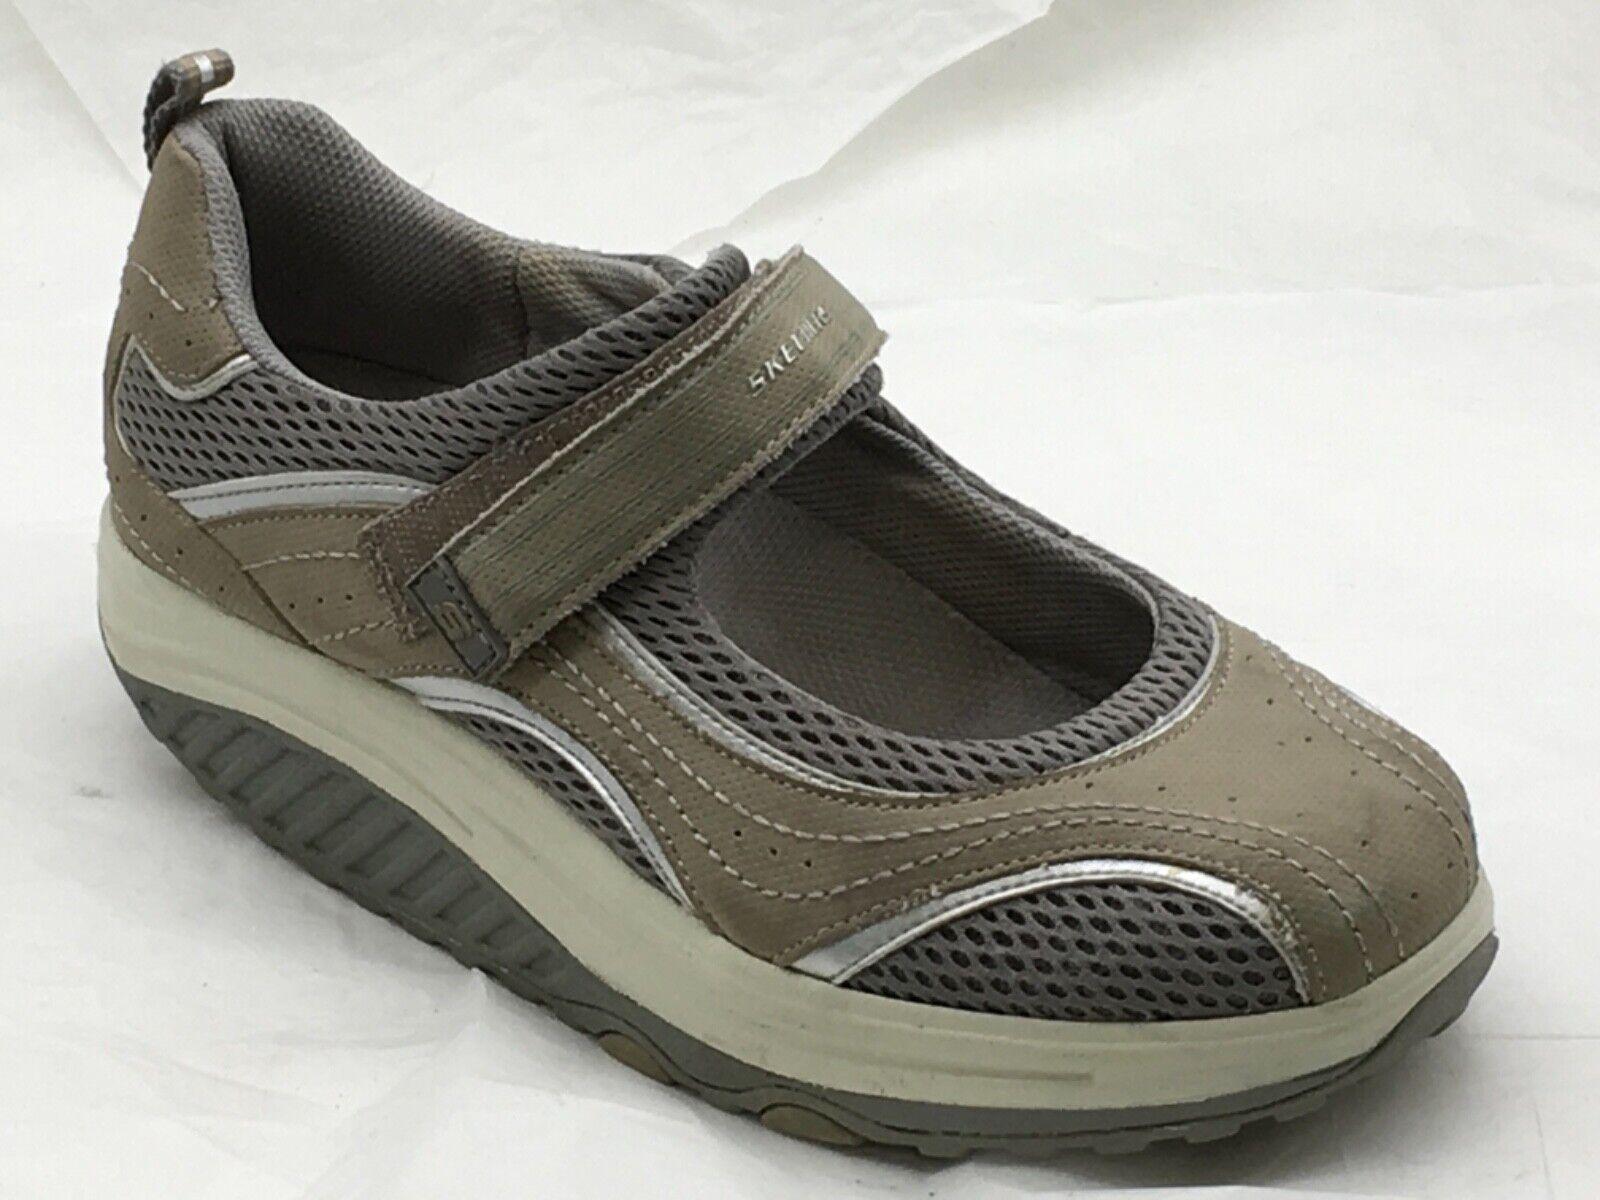 Femme Femmes Marron Argent SKECHERS SHAPE UPS Tonifiant Chaussures de tennis Mary Janes 7.5